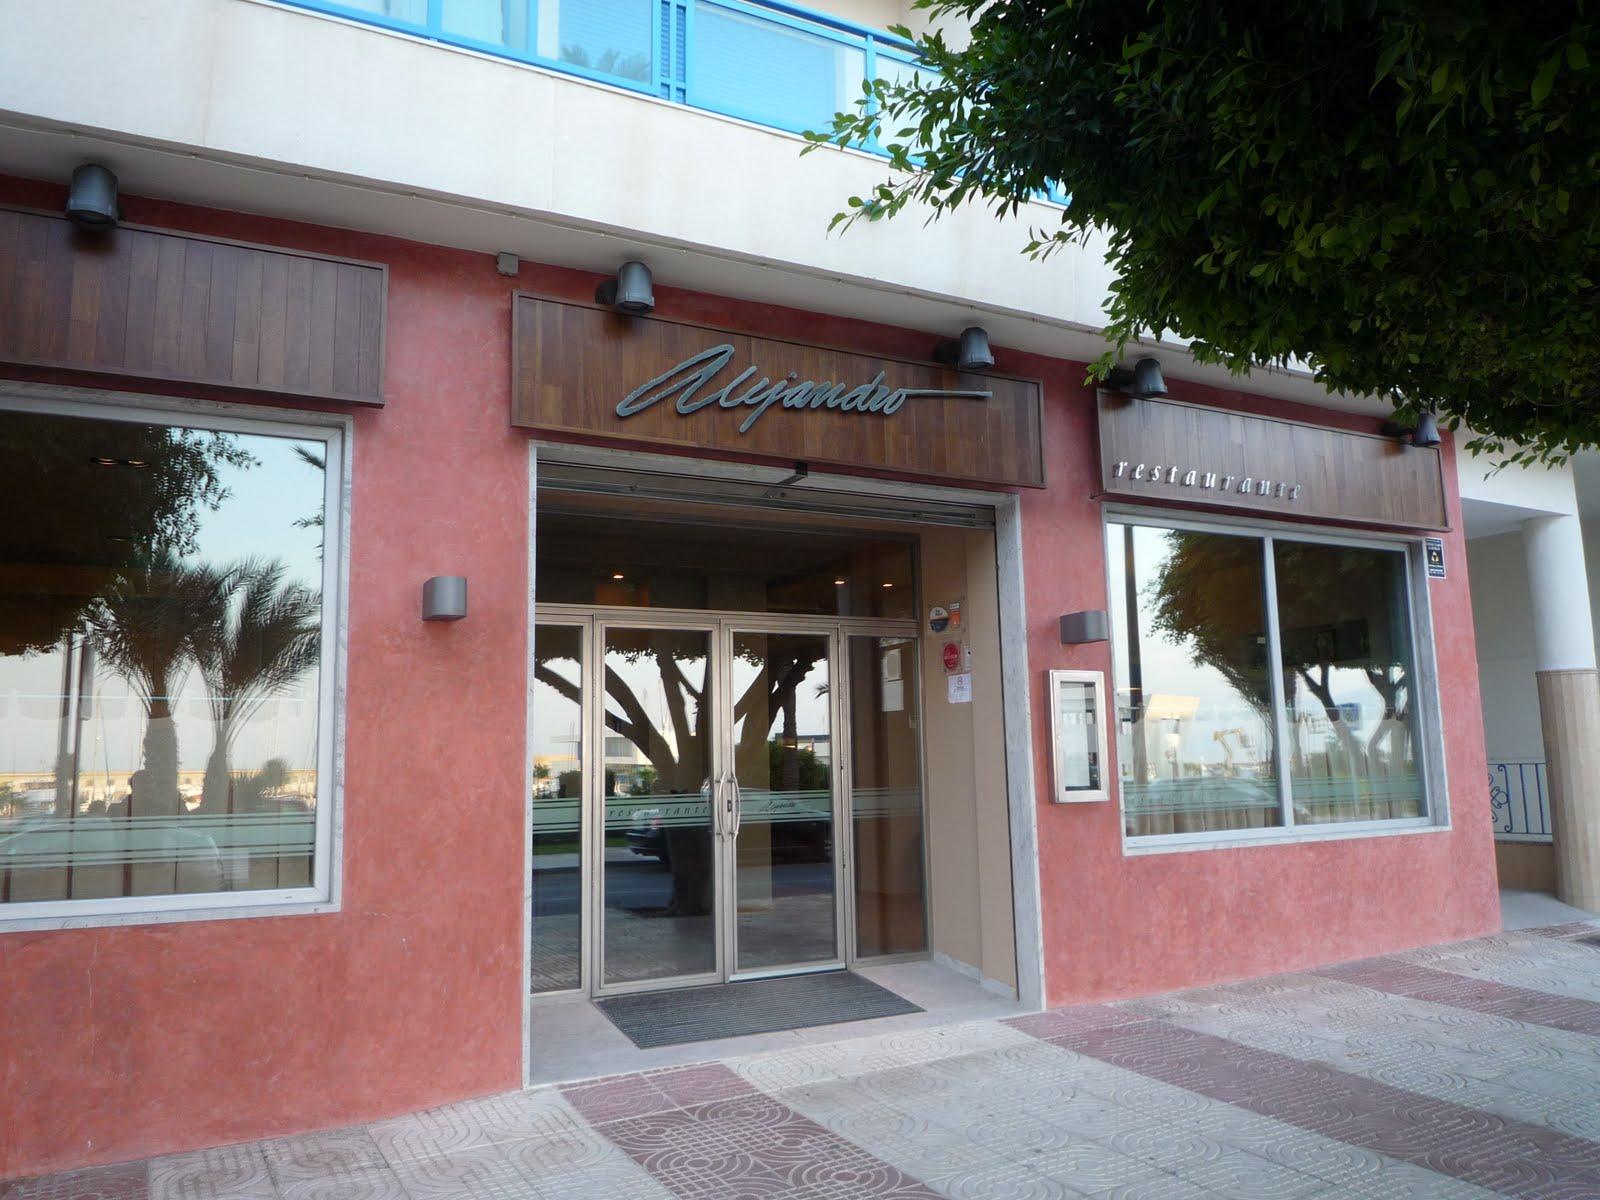 Mis restaurantes restaurante alejandro for Fachadas de restaurantes modernos